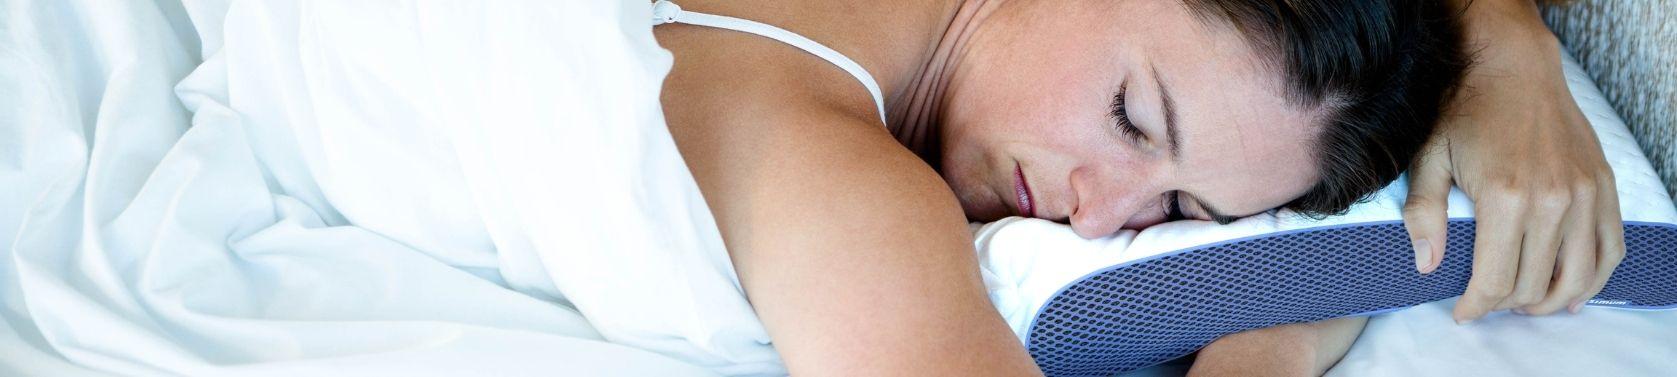 Das richtige Schlafkissen: So beeinflusst es deine Schlafqualität